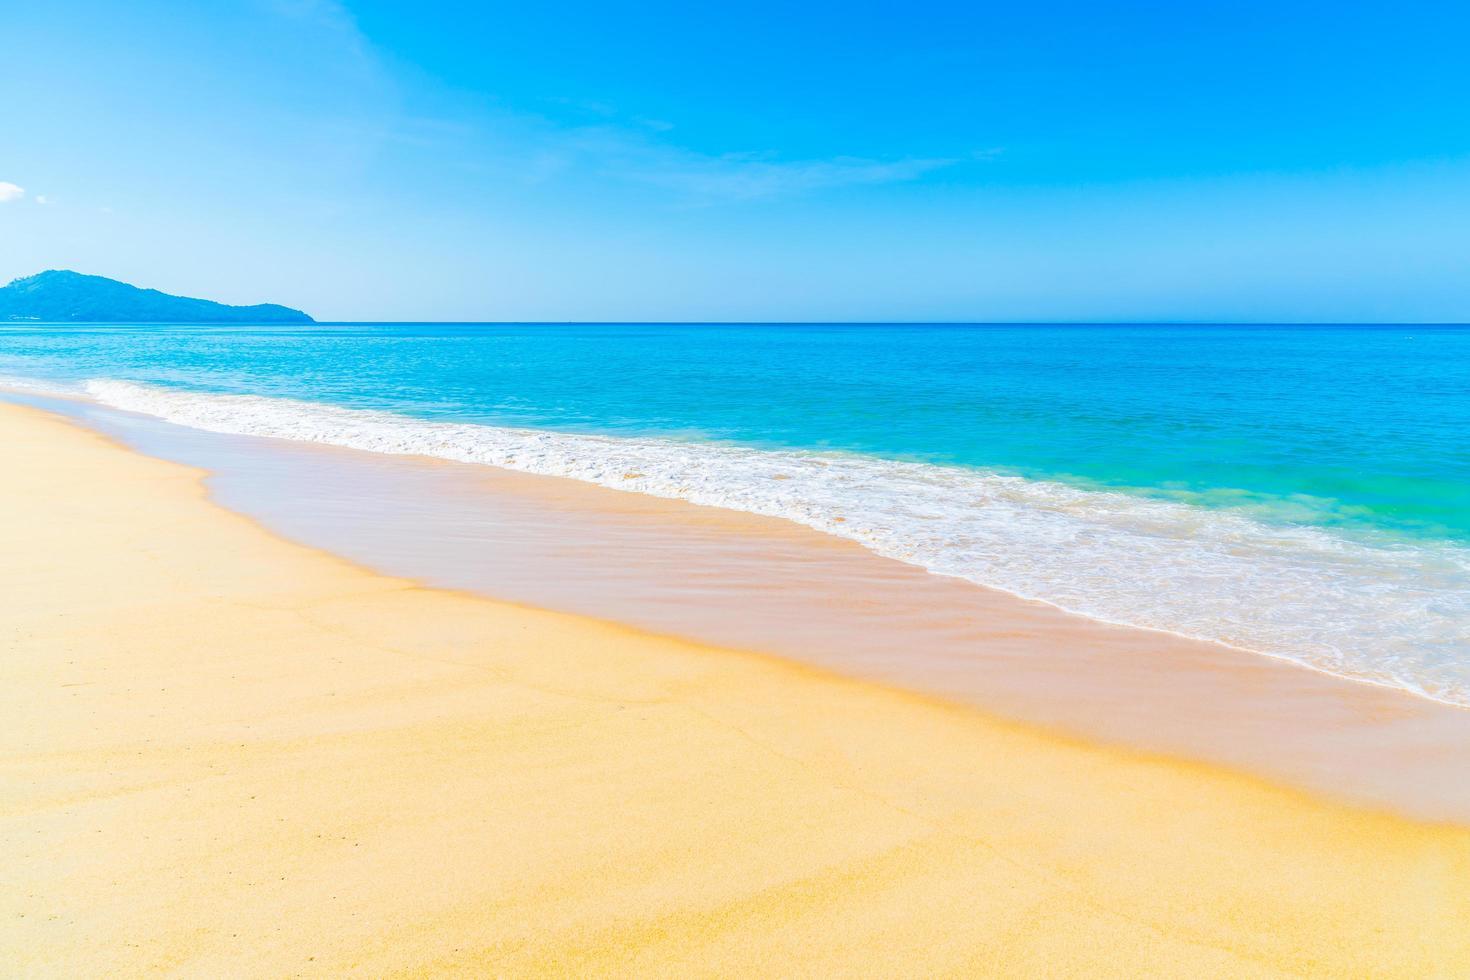 hermosa playa y cielo azul foto